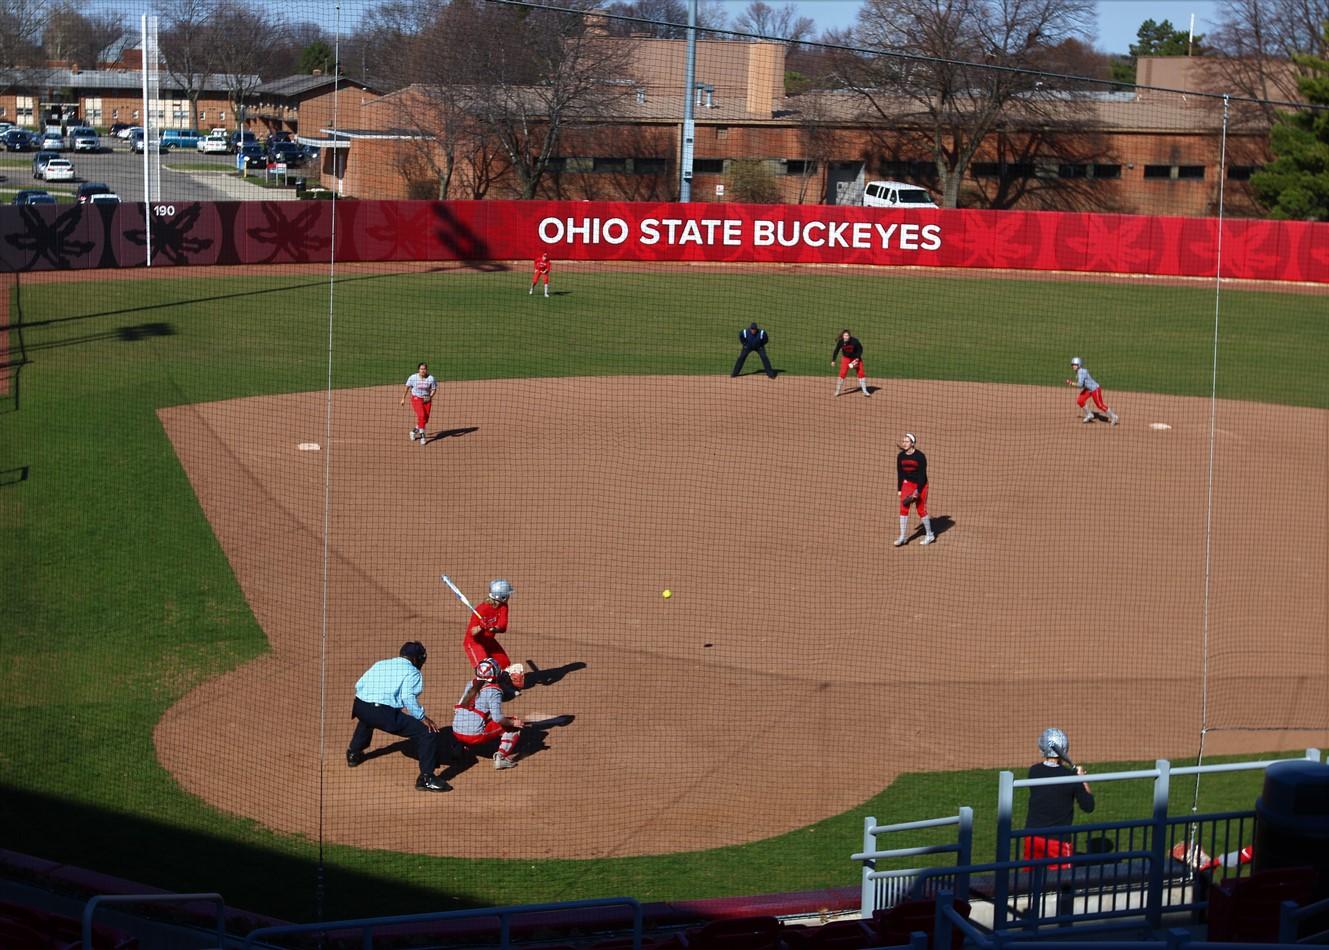 2017 03 05 168 Ohio State University.jpg